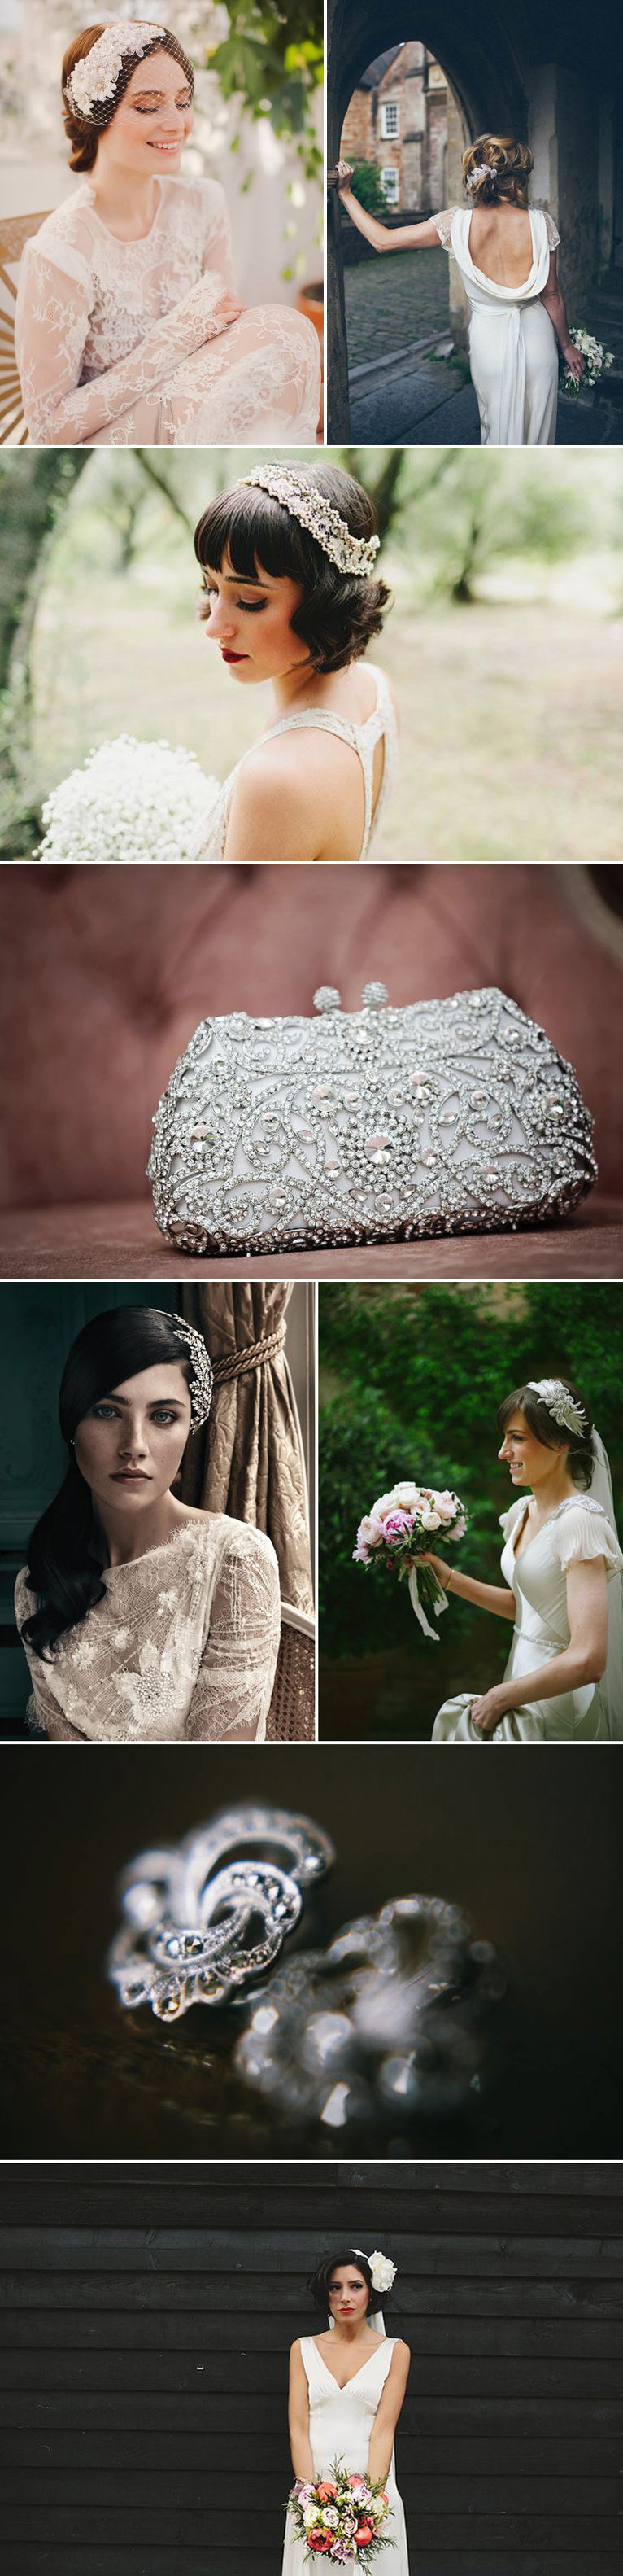 Coco Wedding Venues - Modern Vintage - Wedding Style Category - Bridal Fashion.